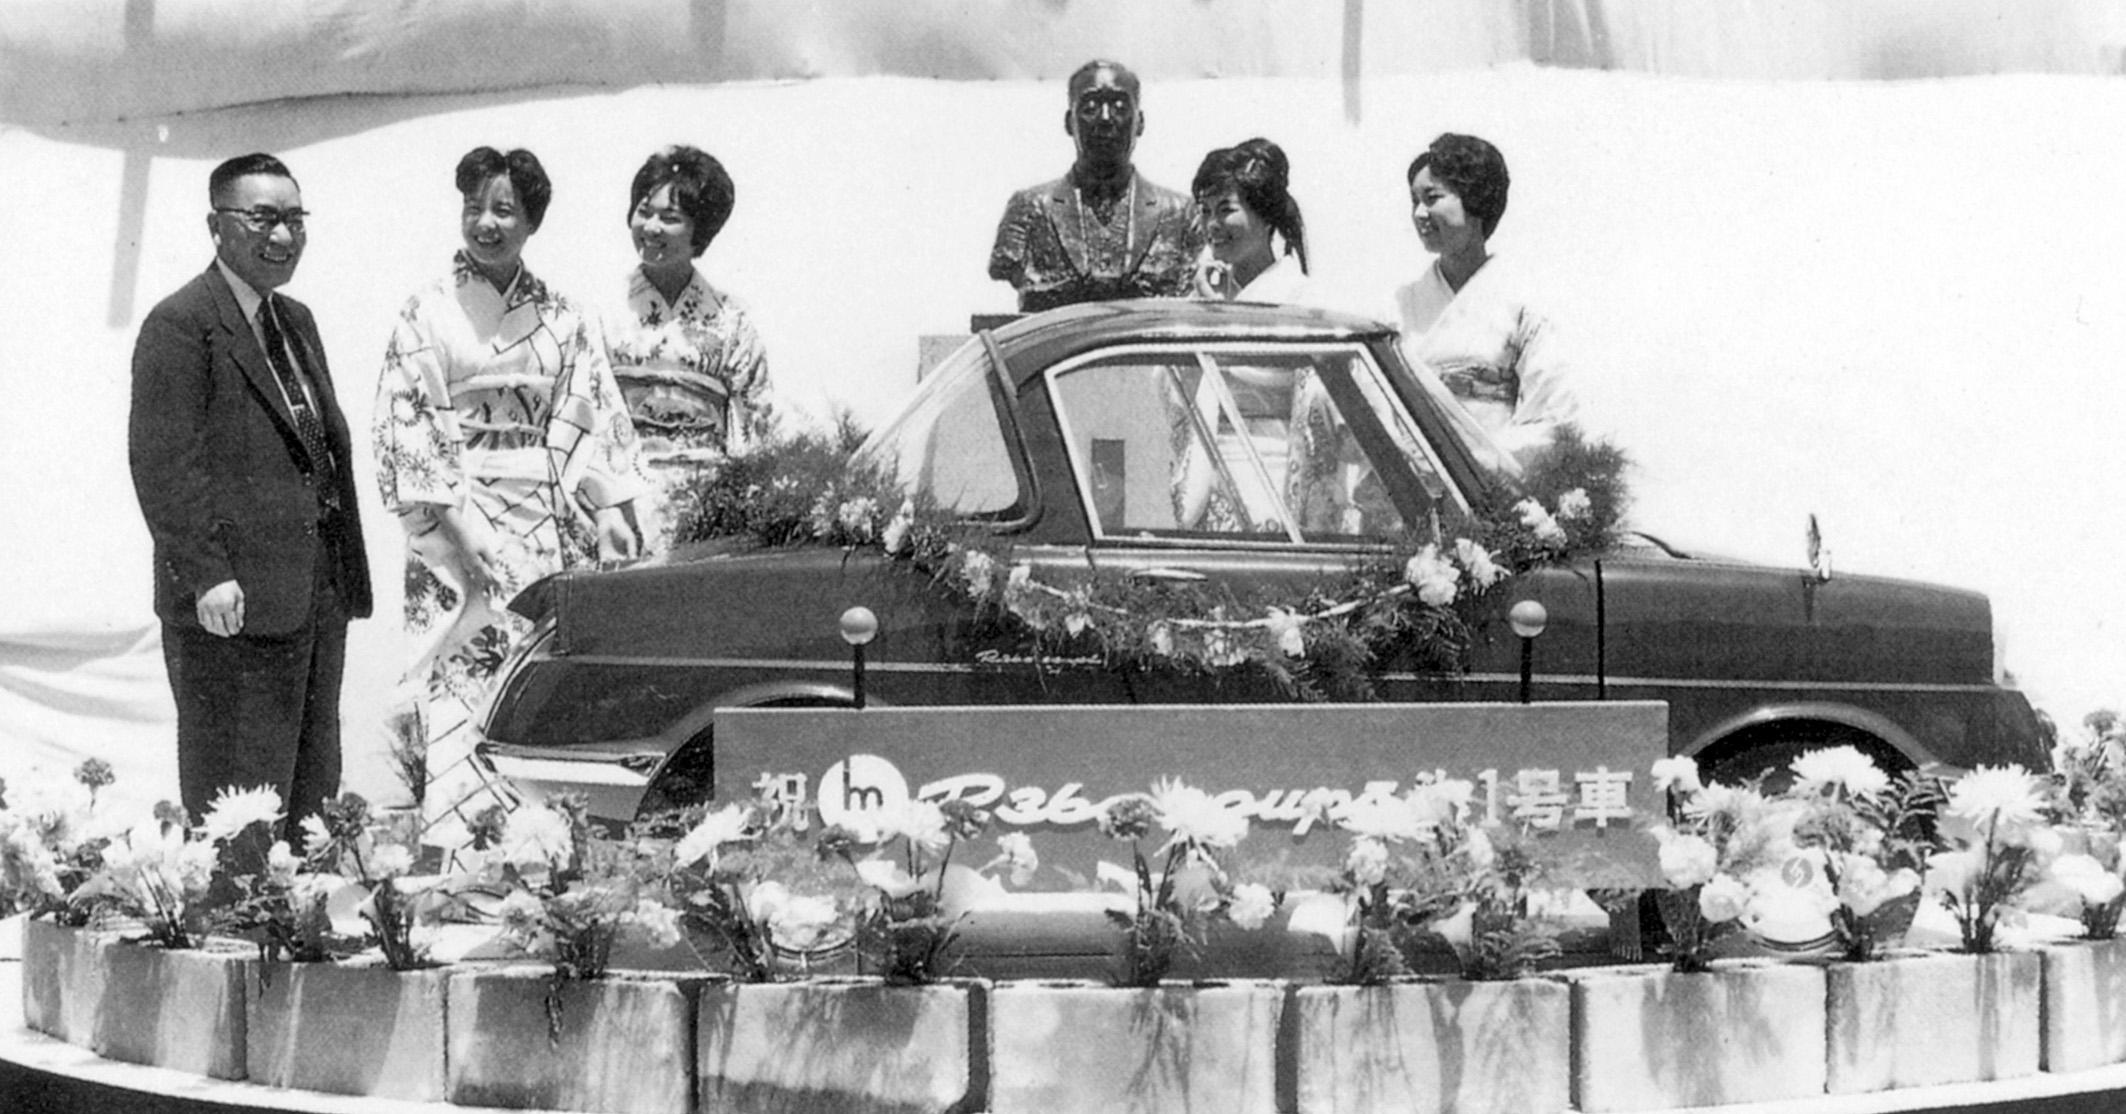 Mazda R360 Coupe Premiere 1960